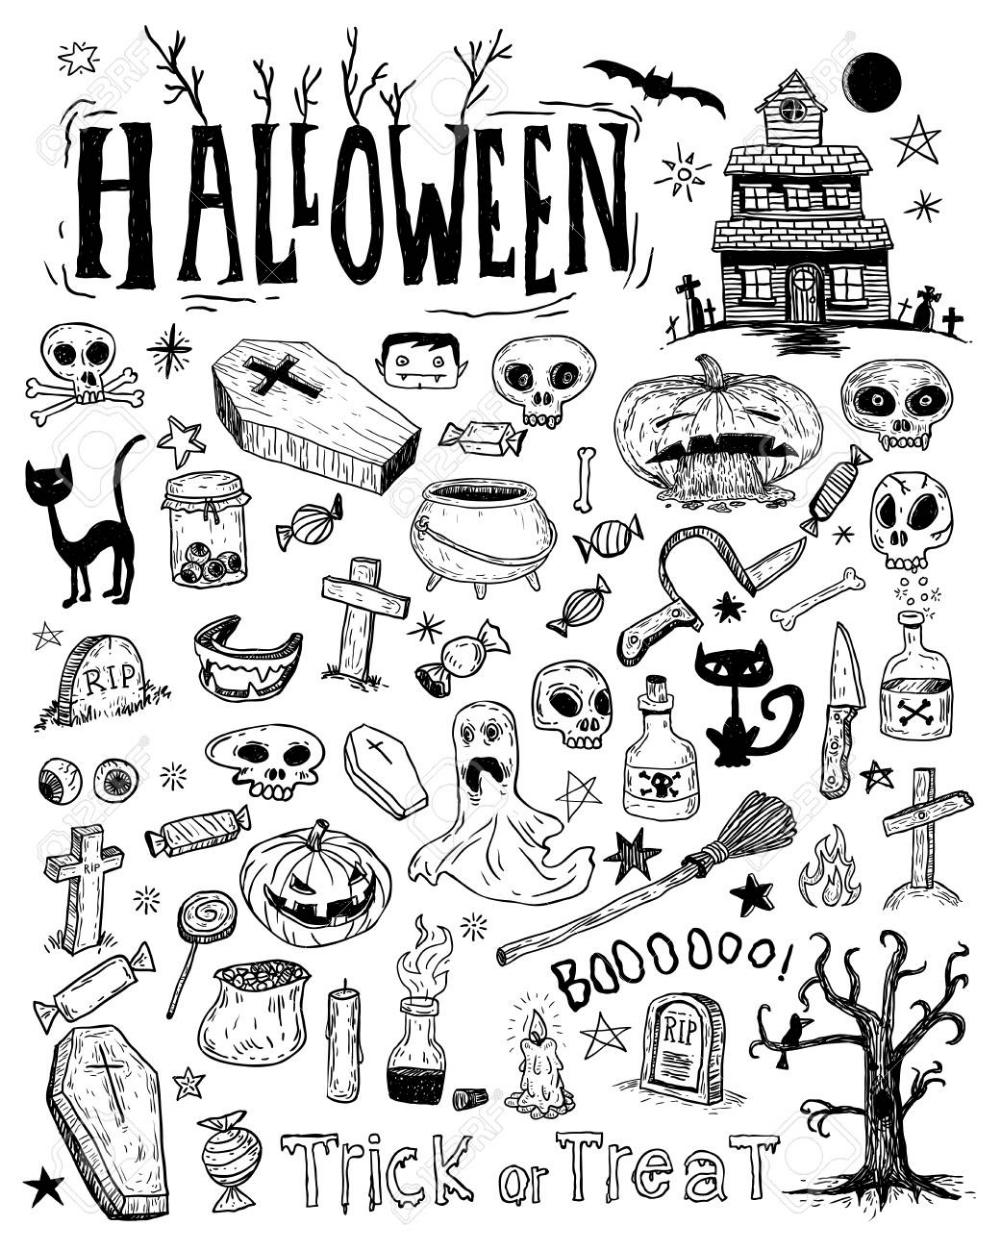 halloween doodles Google Search Halloween doodle